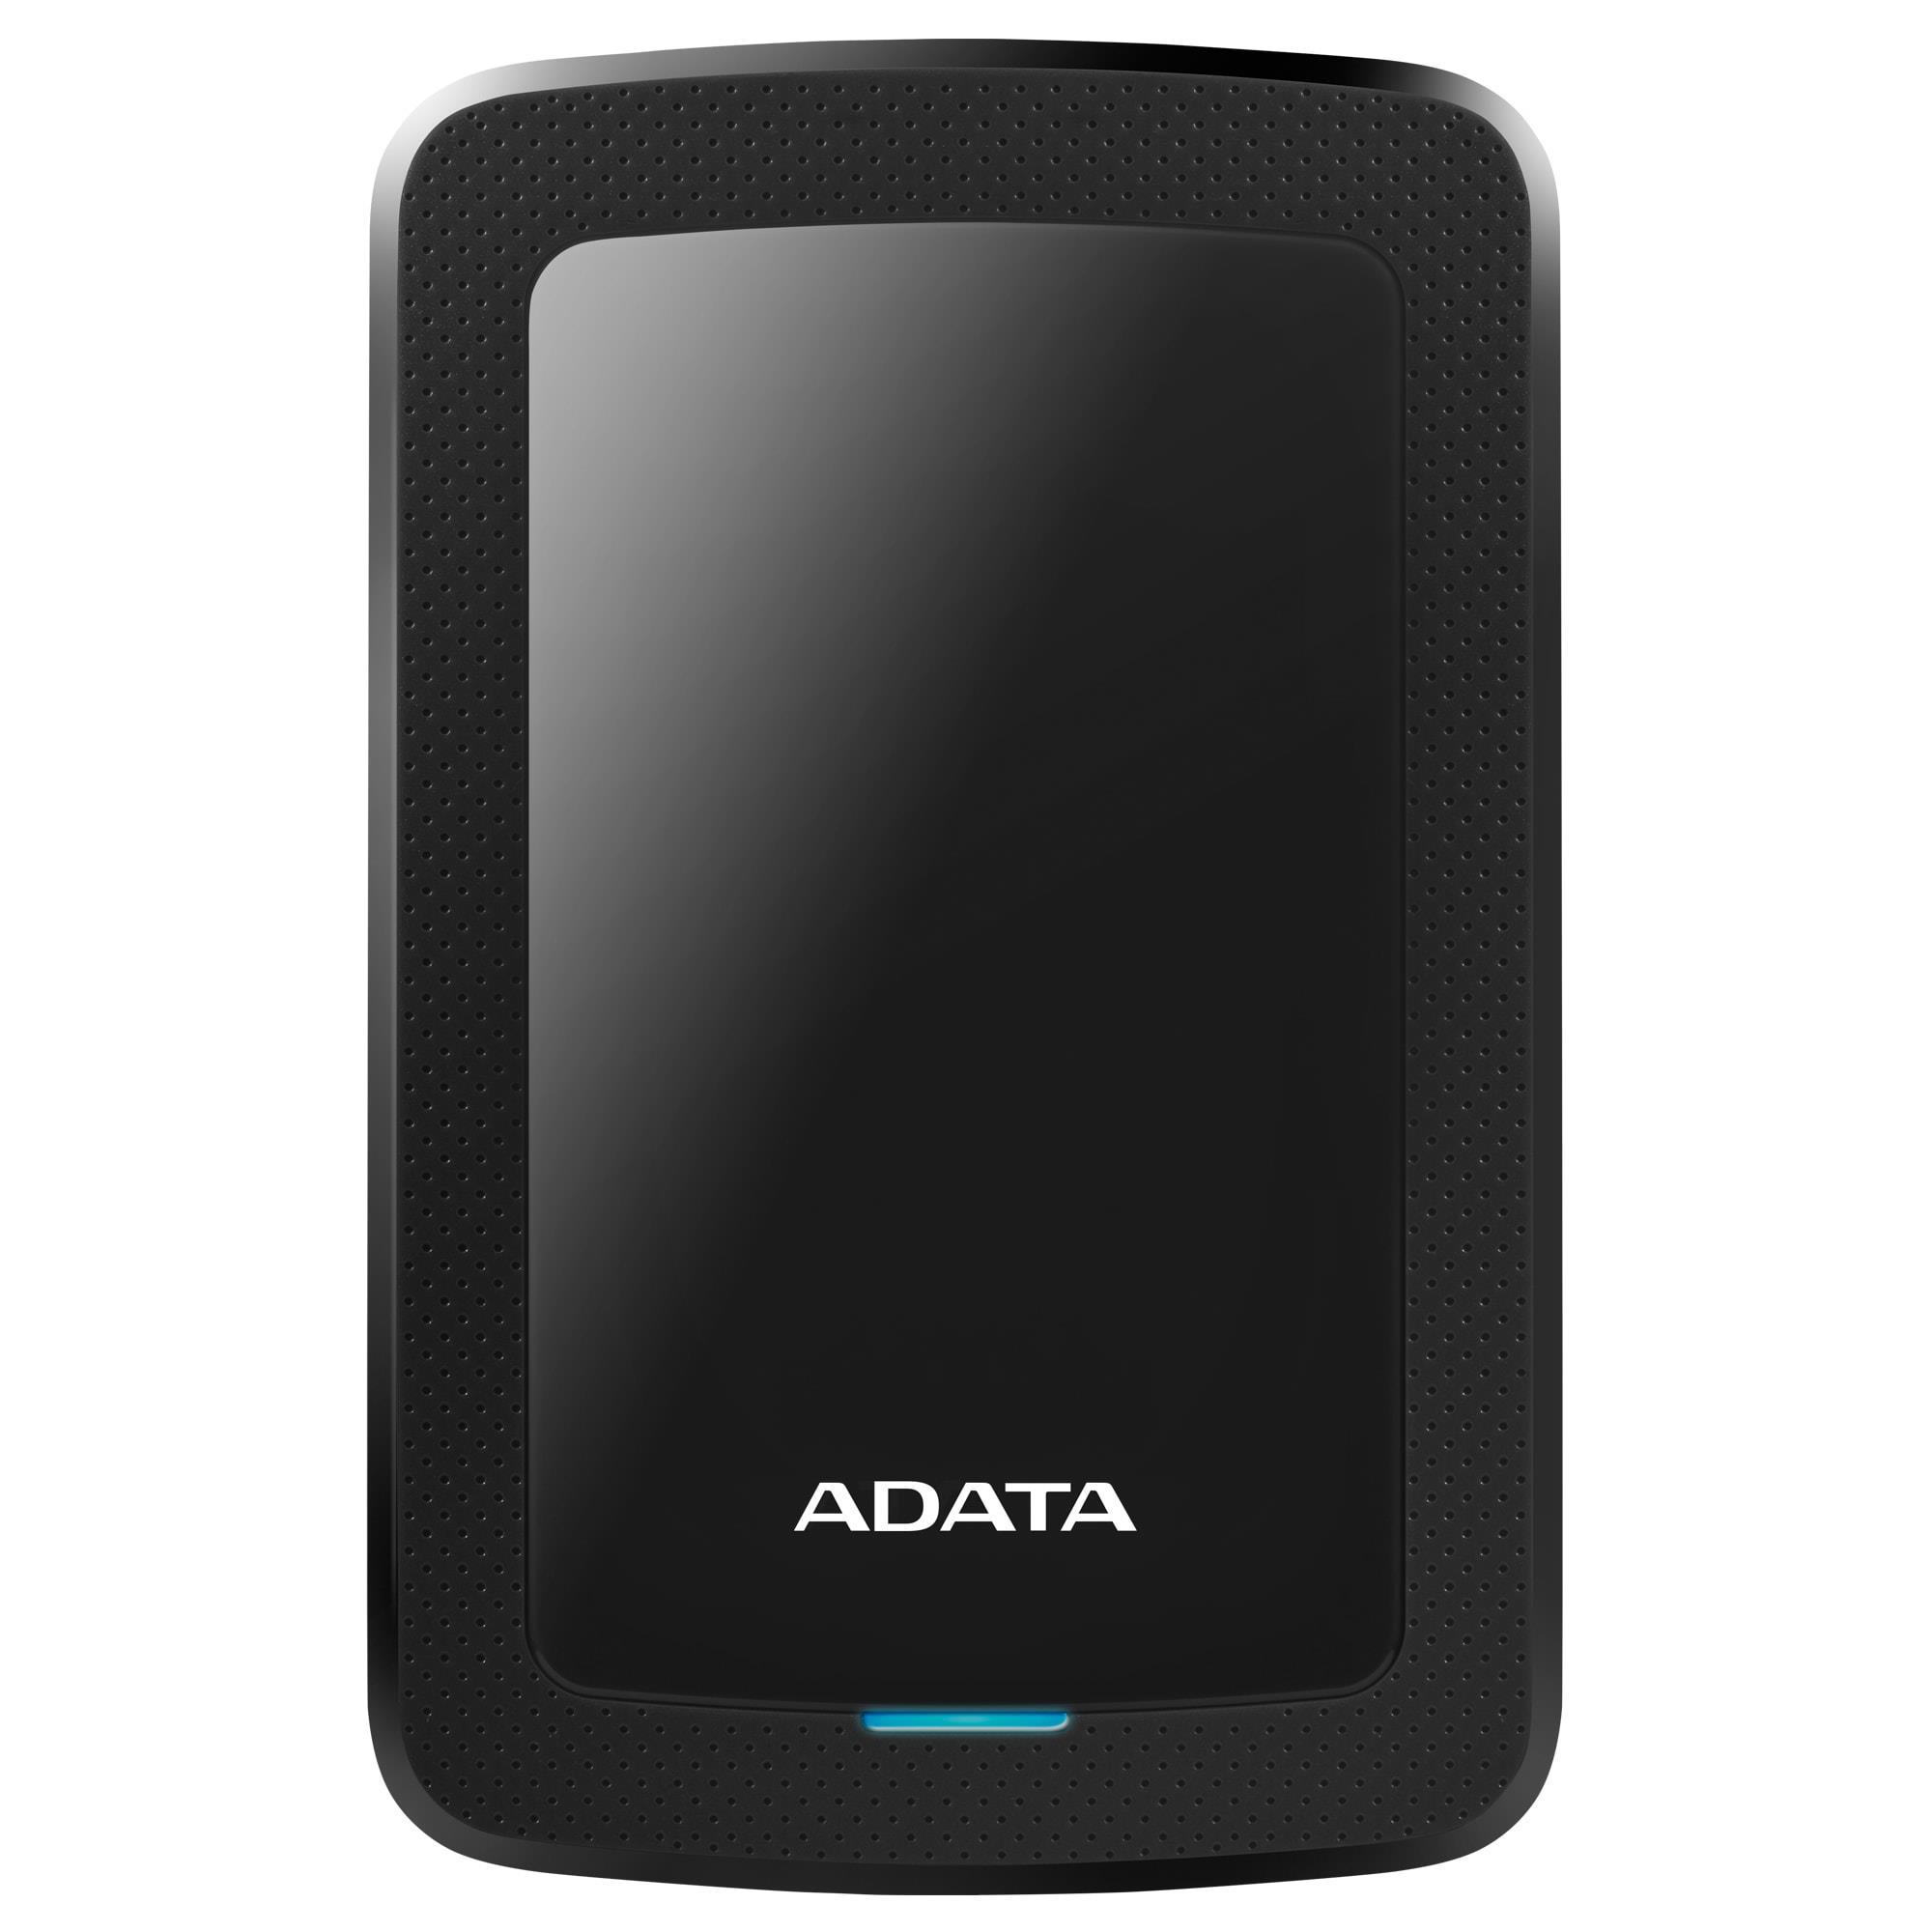 ADATA External HDD Classic HV300 2